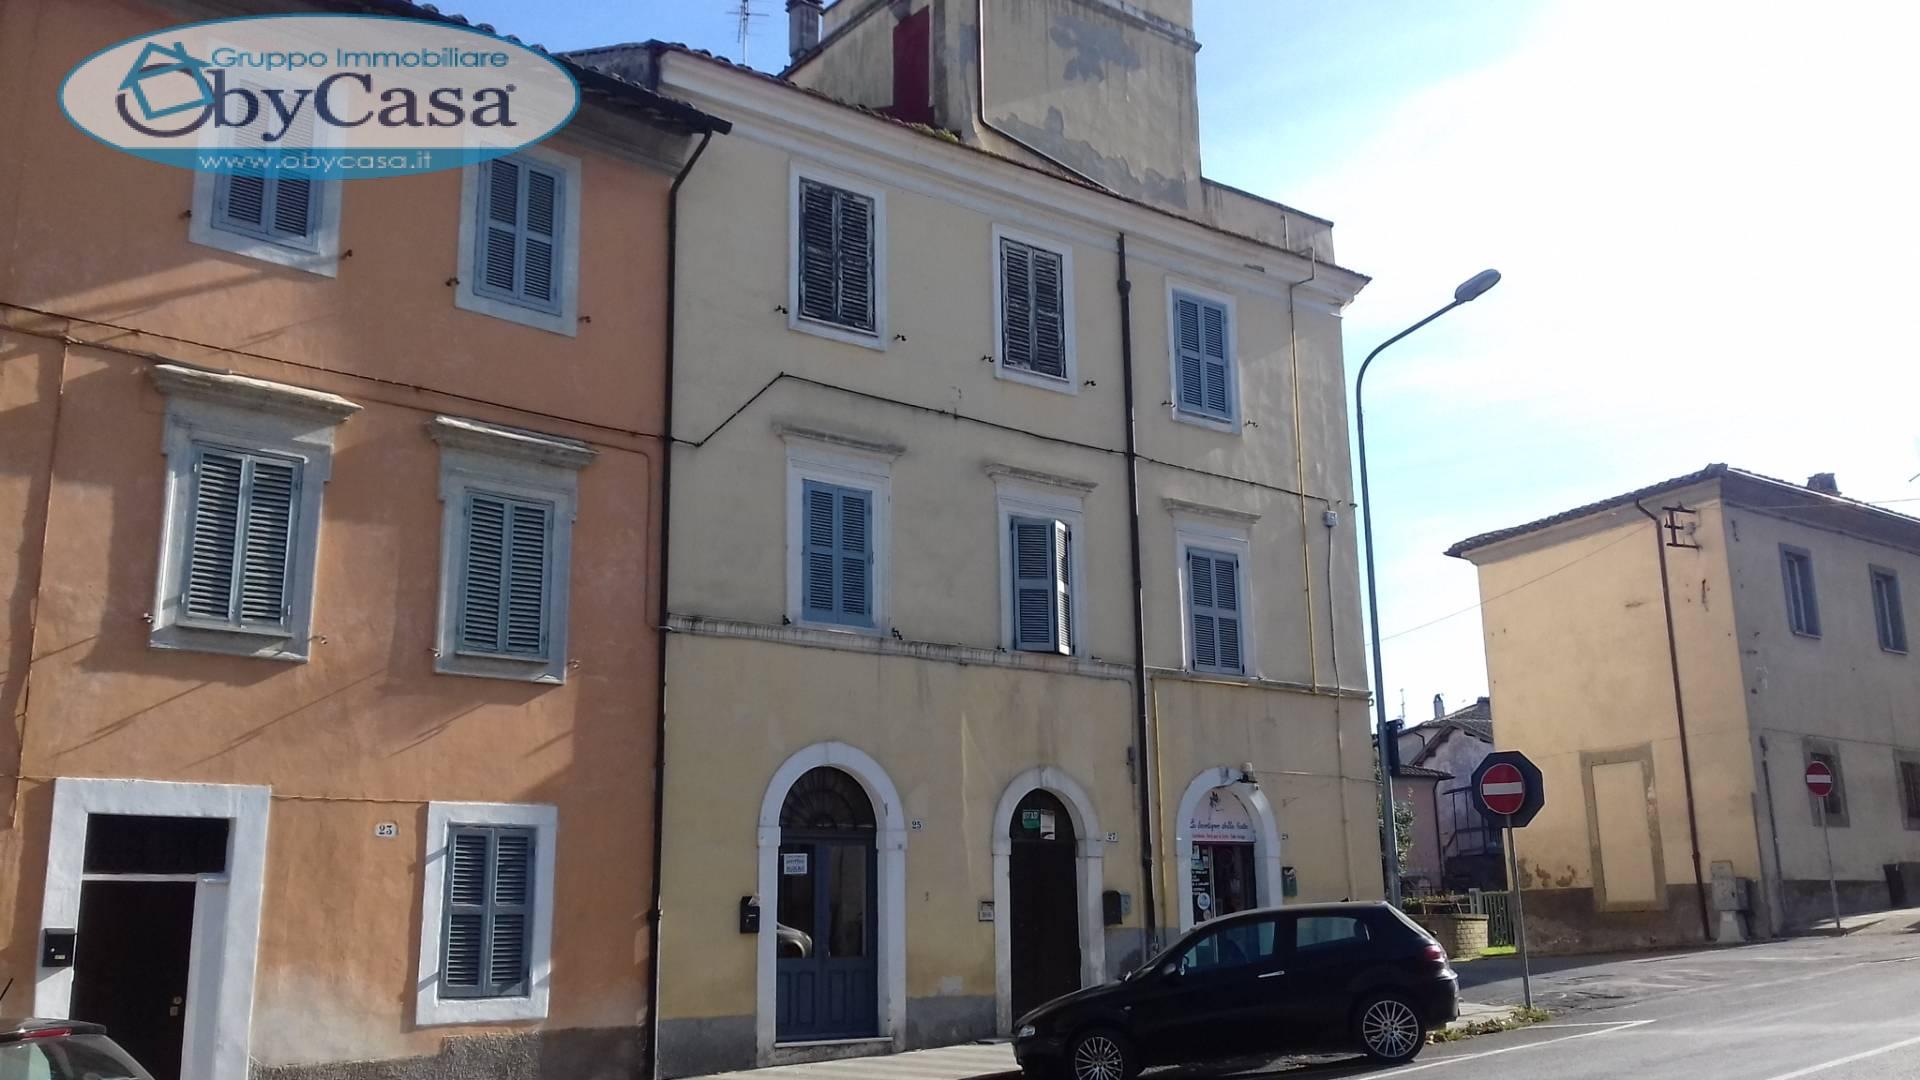 Soluzione Indipendente in affitto a Oriolo Romano, 2 locali, prezzo € 390 | CambioCasa.it